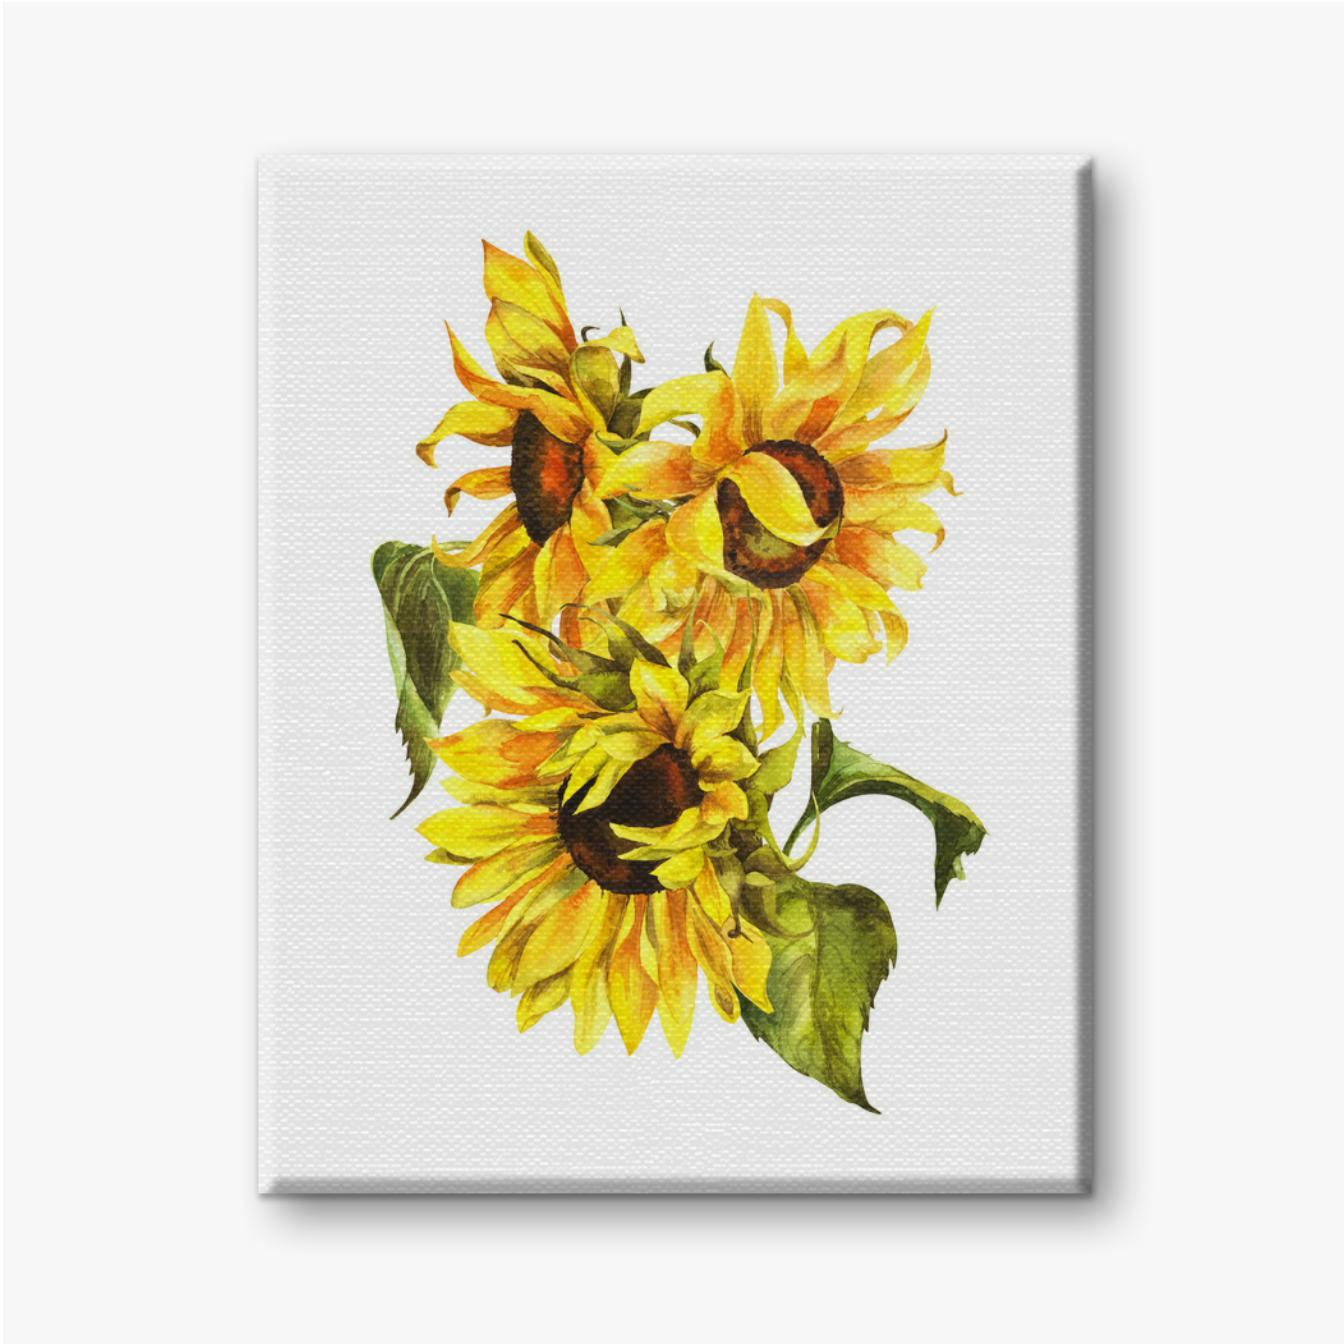 Drei Sonnenblumen in einem Blumenstrauß auf einem weißen Hintergrund